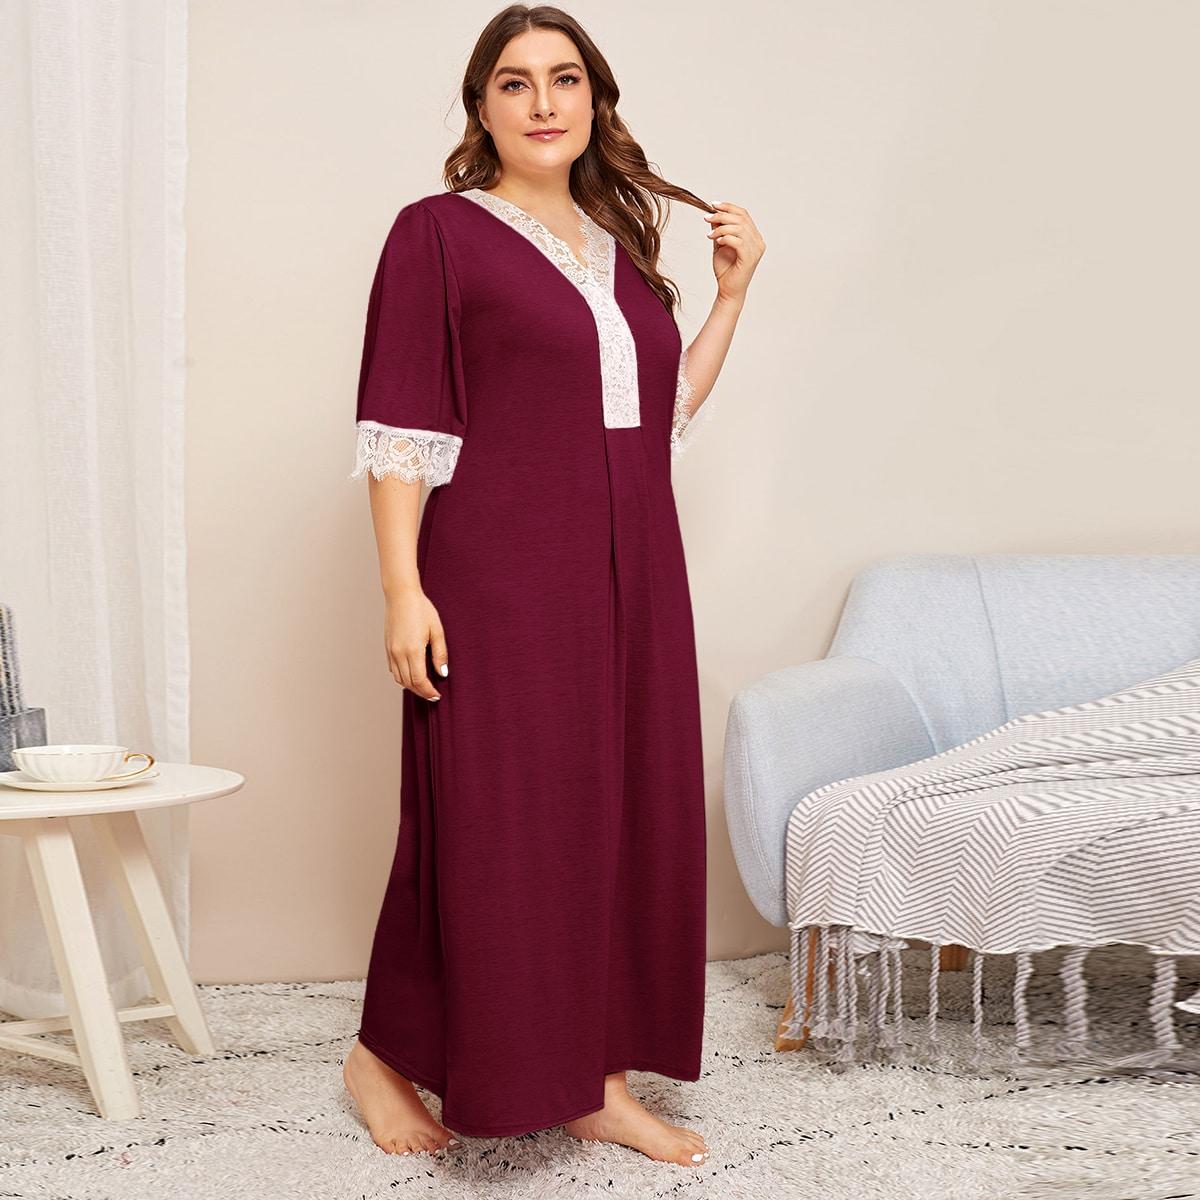 Ночная рубашка размера плюс с кружевной отделкой от SHEIN